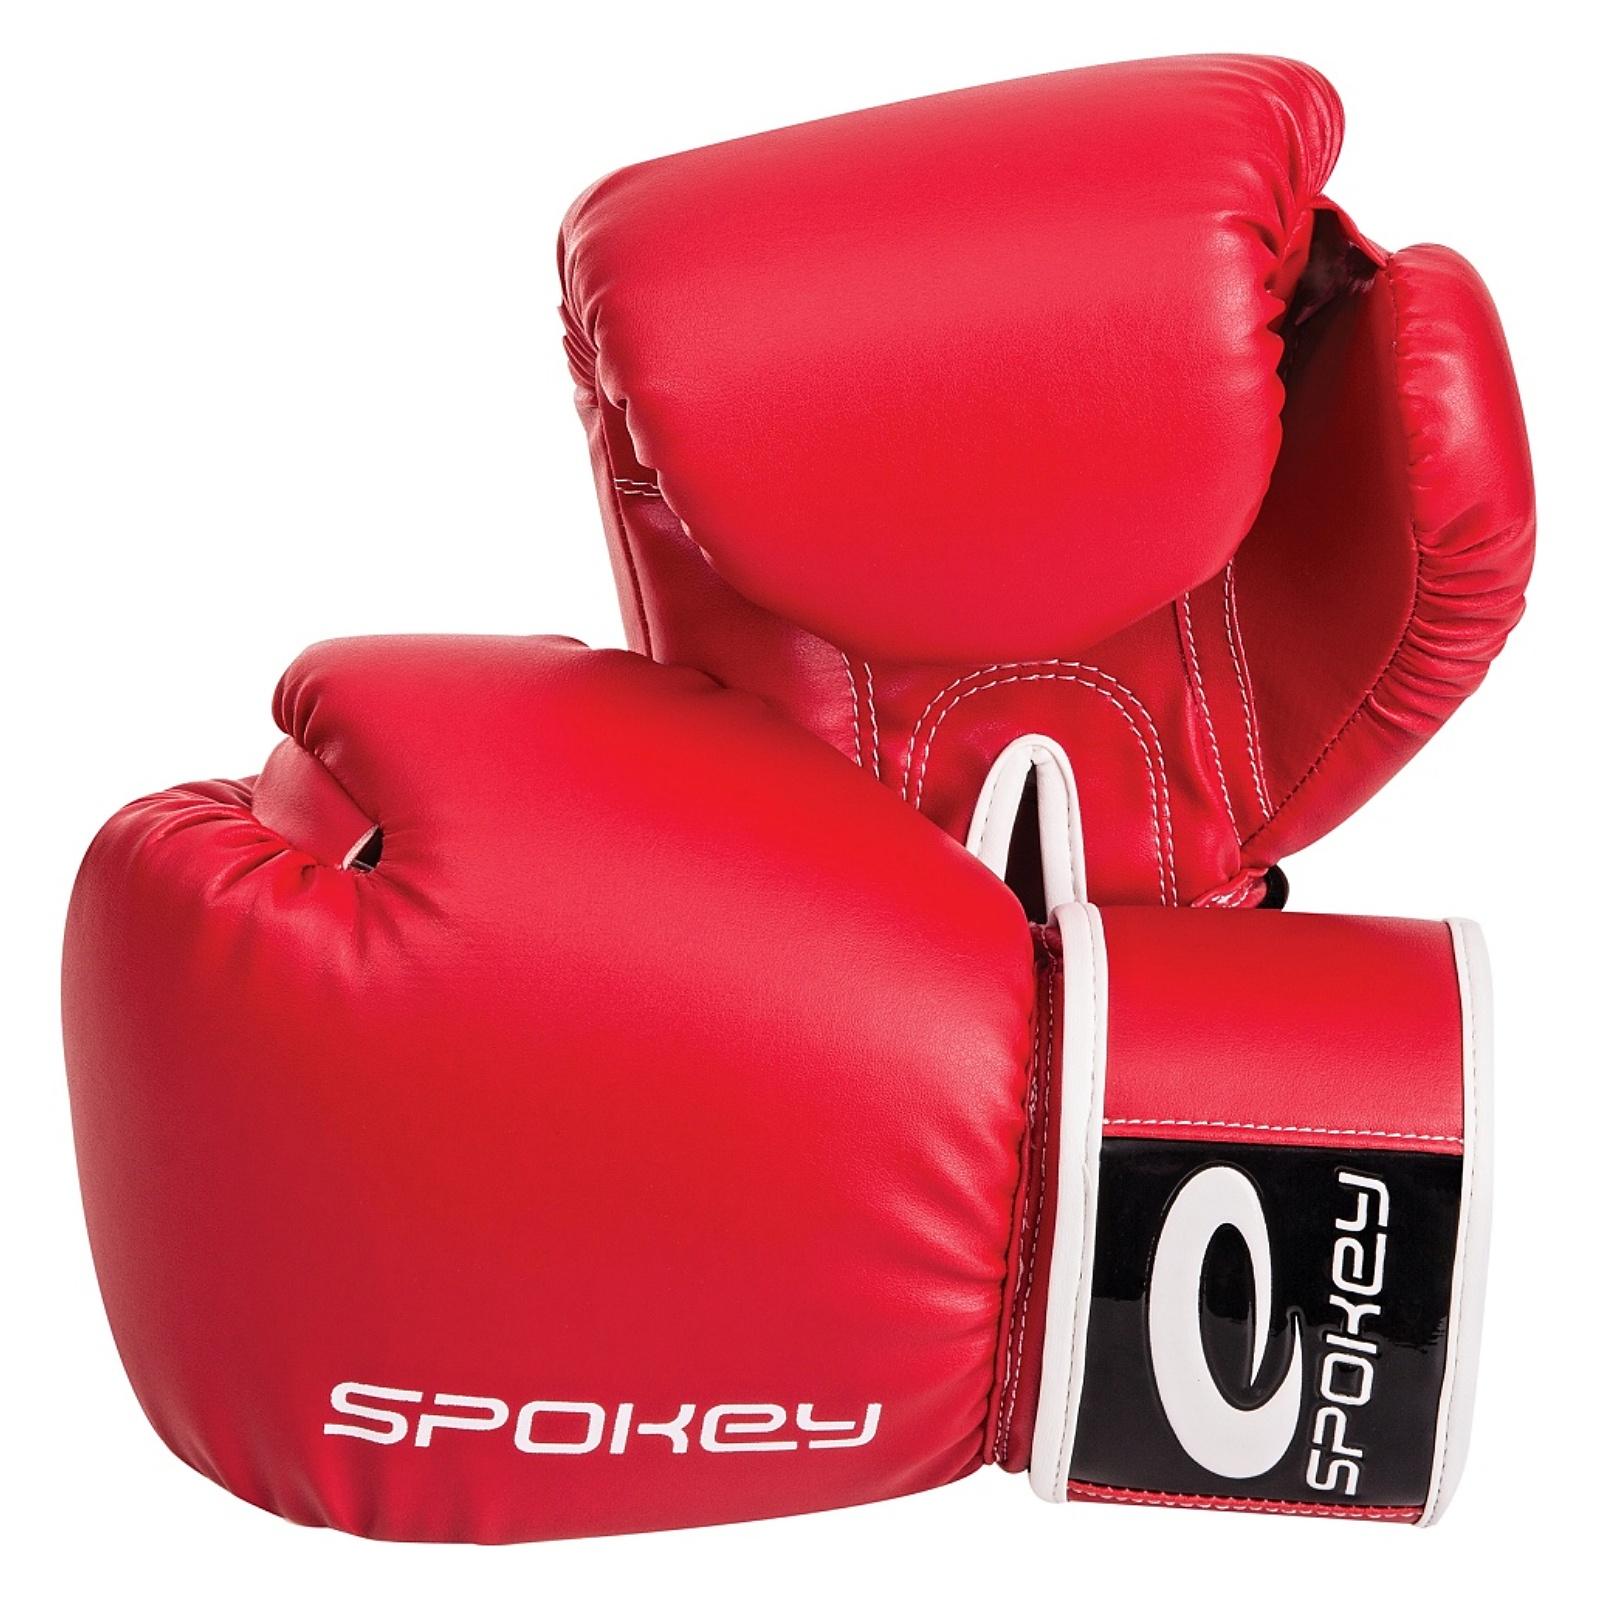 Boxerské rukavice SPOKEY Ninigi červené - vel. 10oz